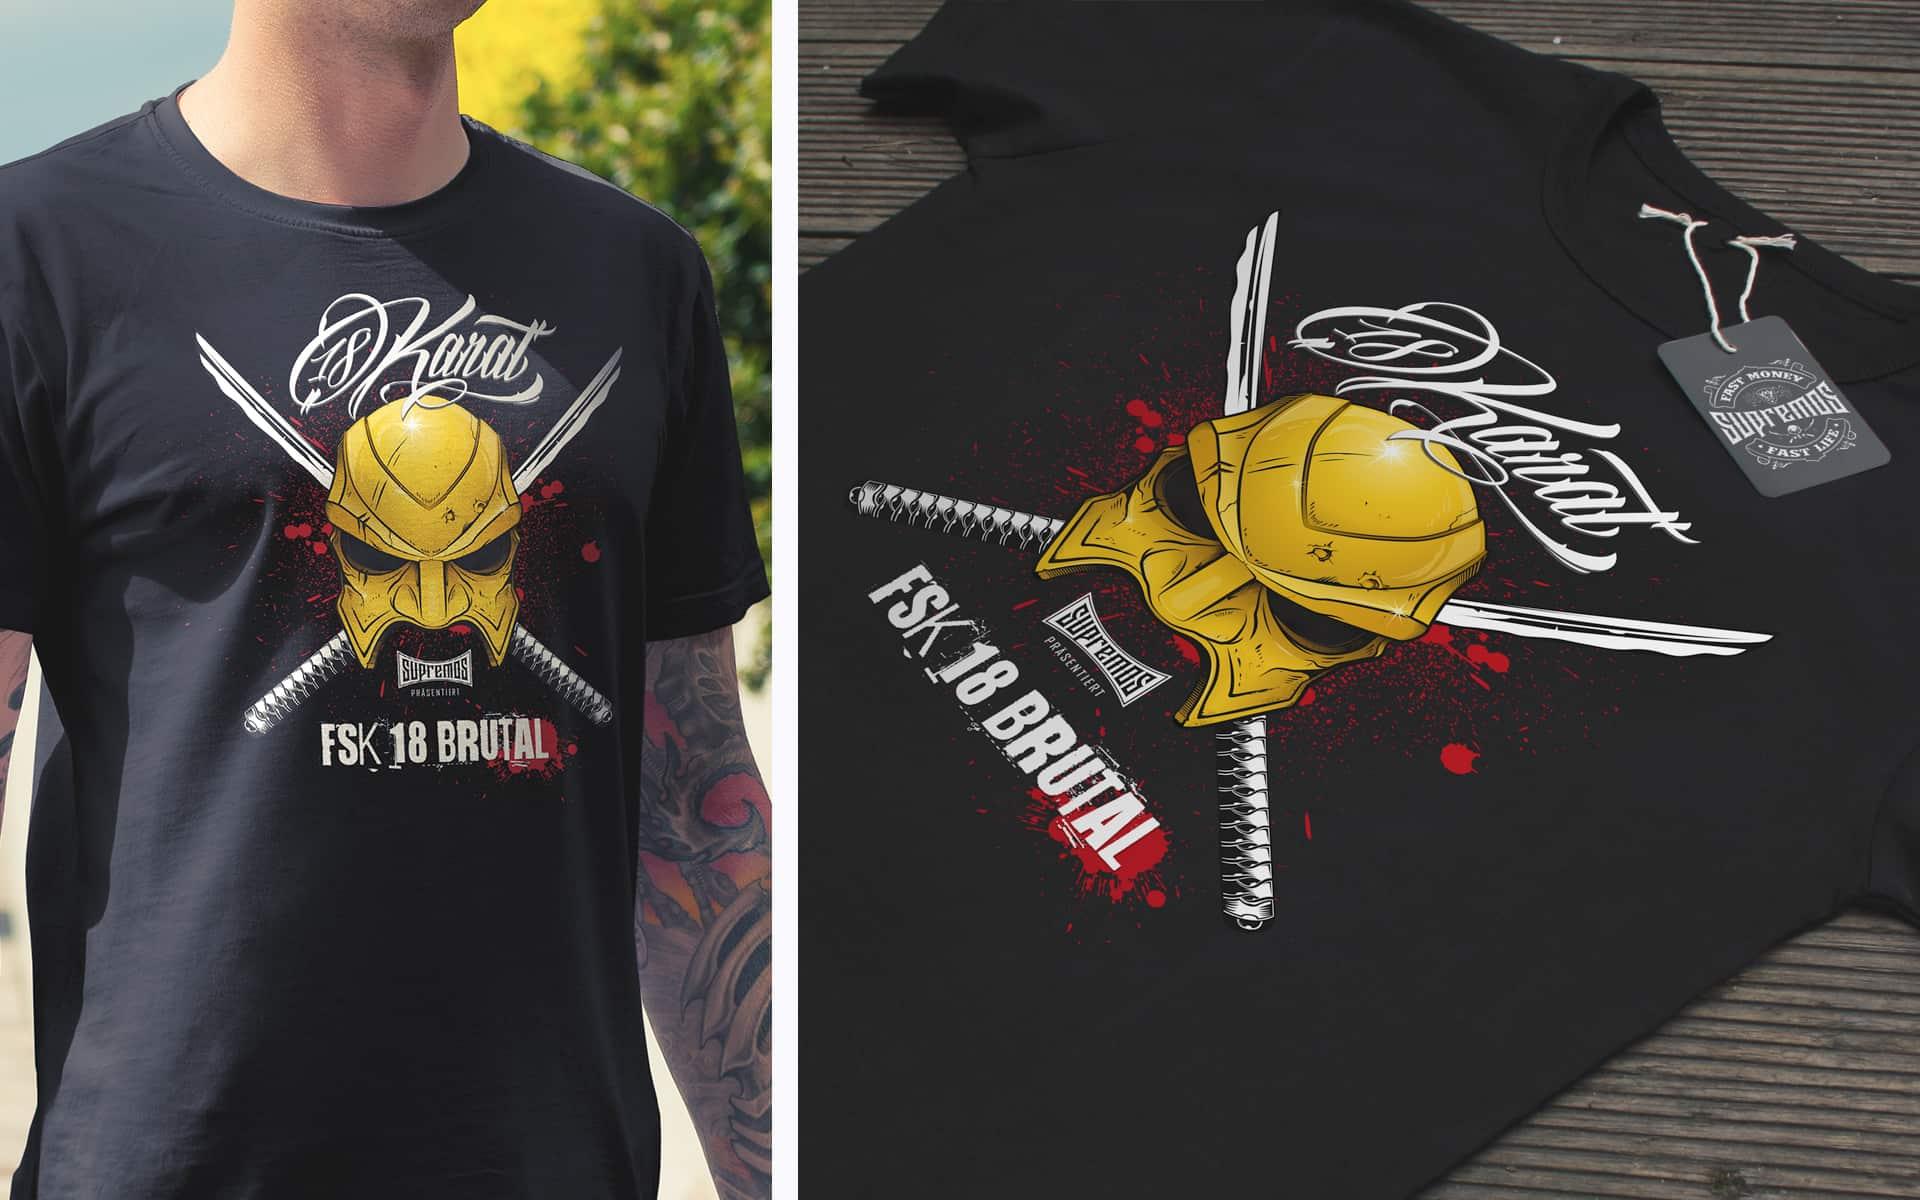 18 Karat T-Shirt-Design FSK18 Brutal